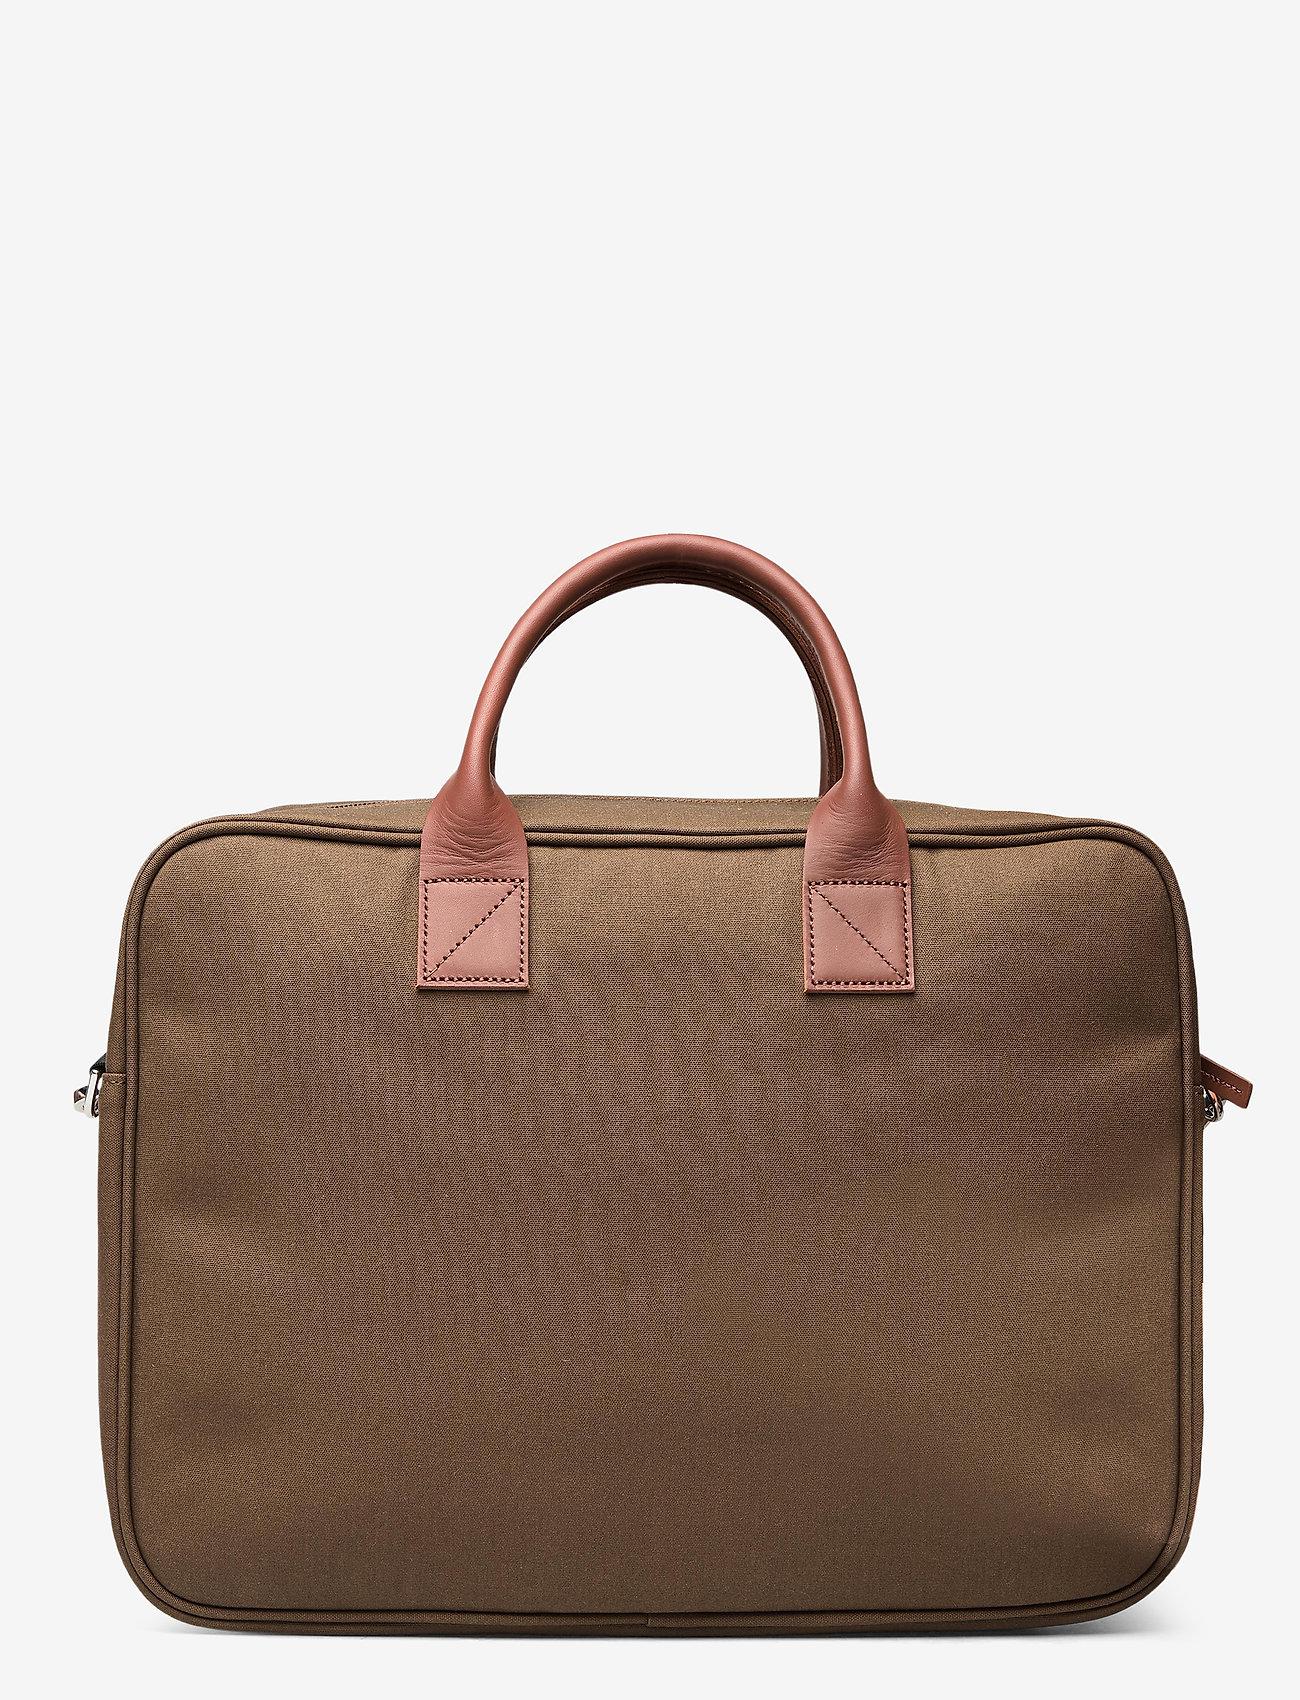 SANDQVIST - EMIL - tassen - olive with cognac brown leather - 1